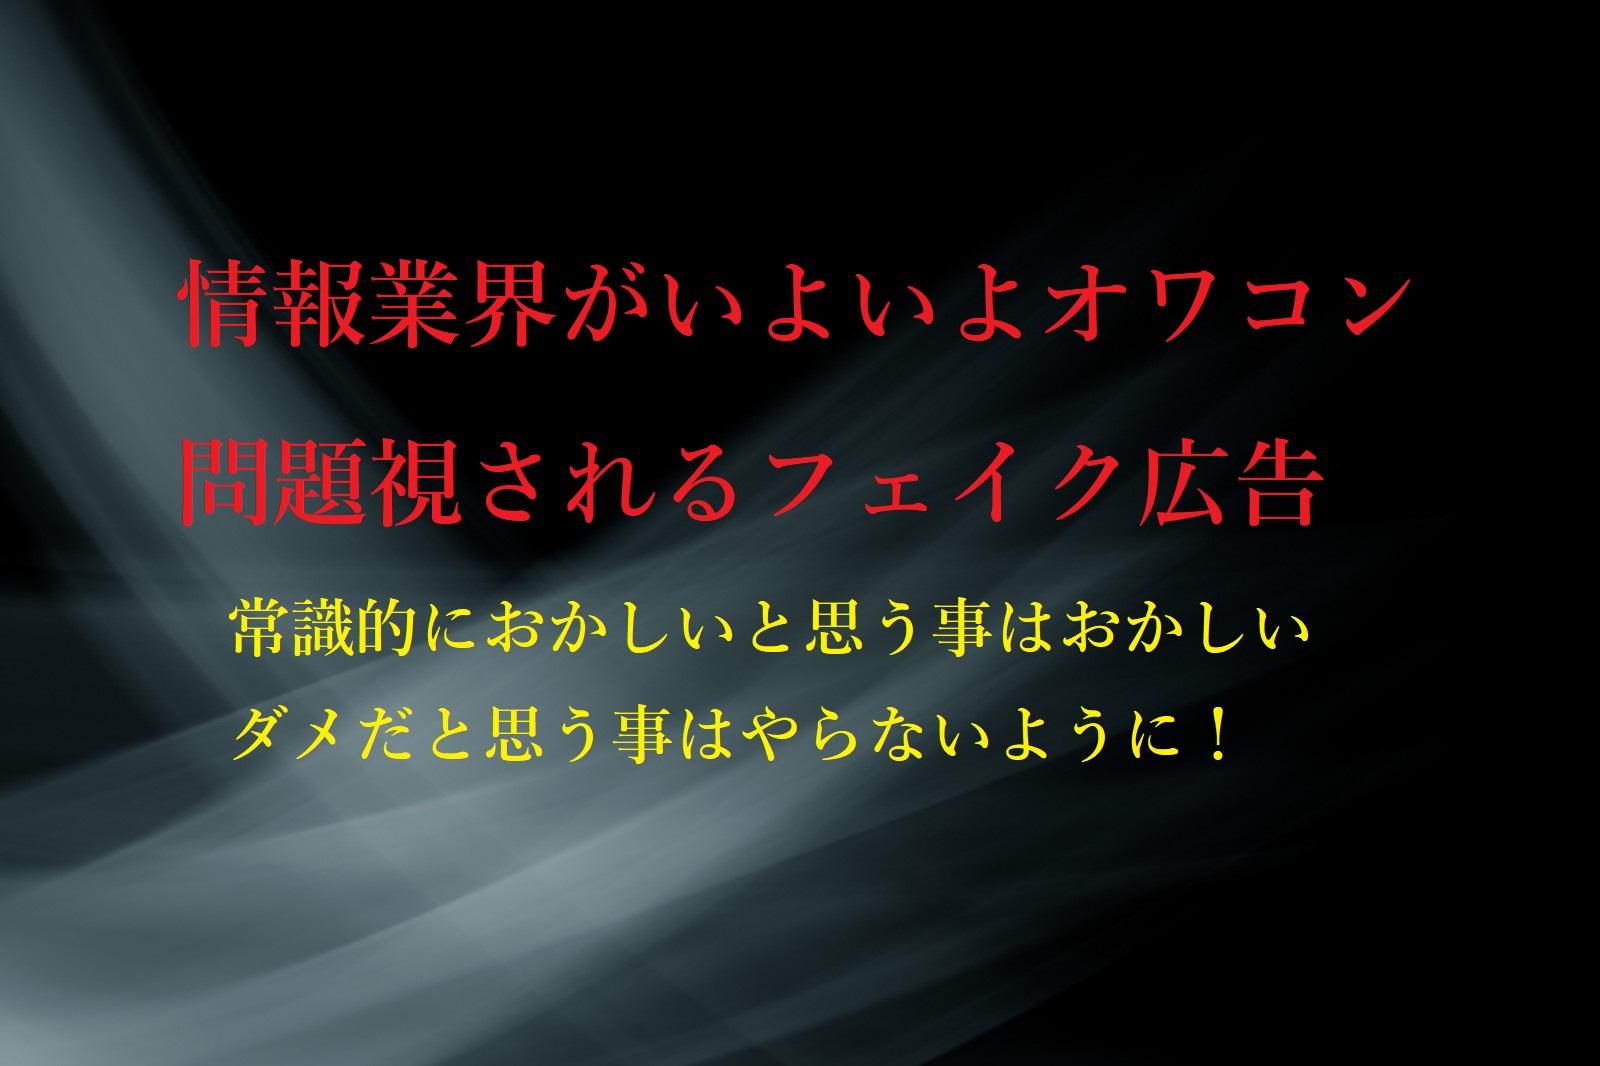 【ネット広告の闇】NHKクローズアップ現代の放送について考える